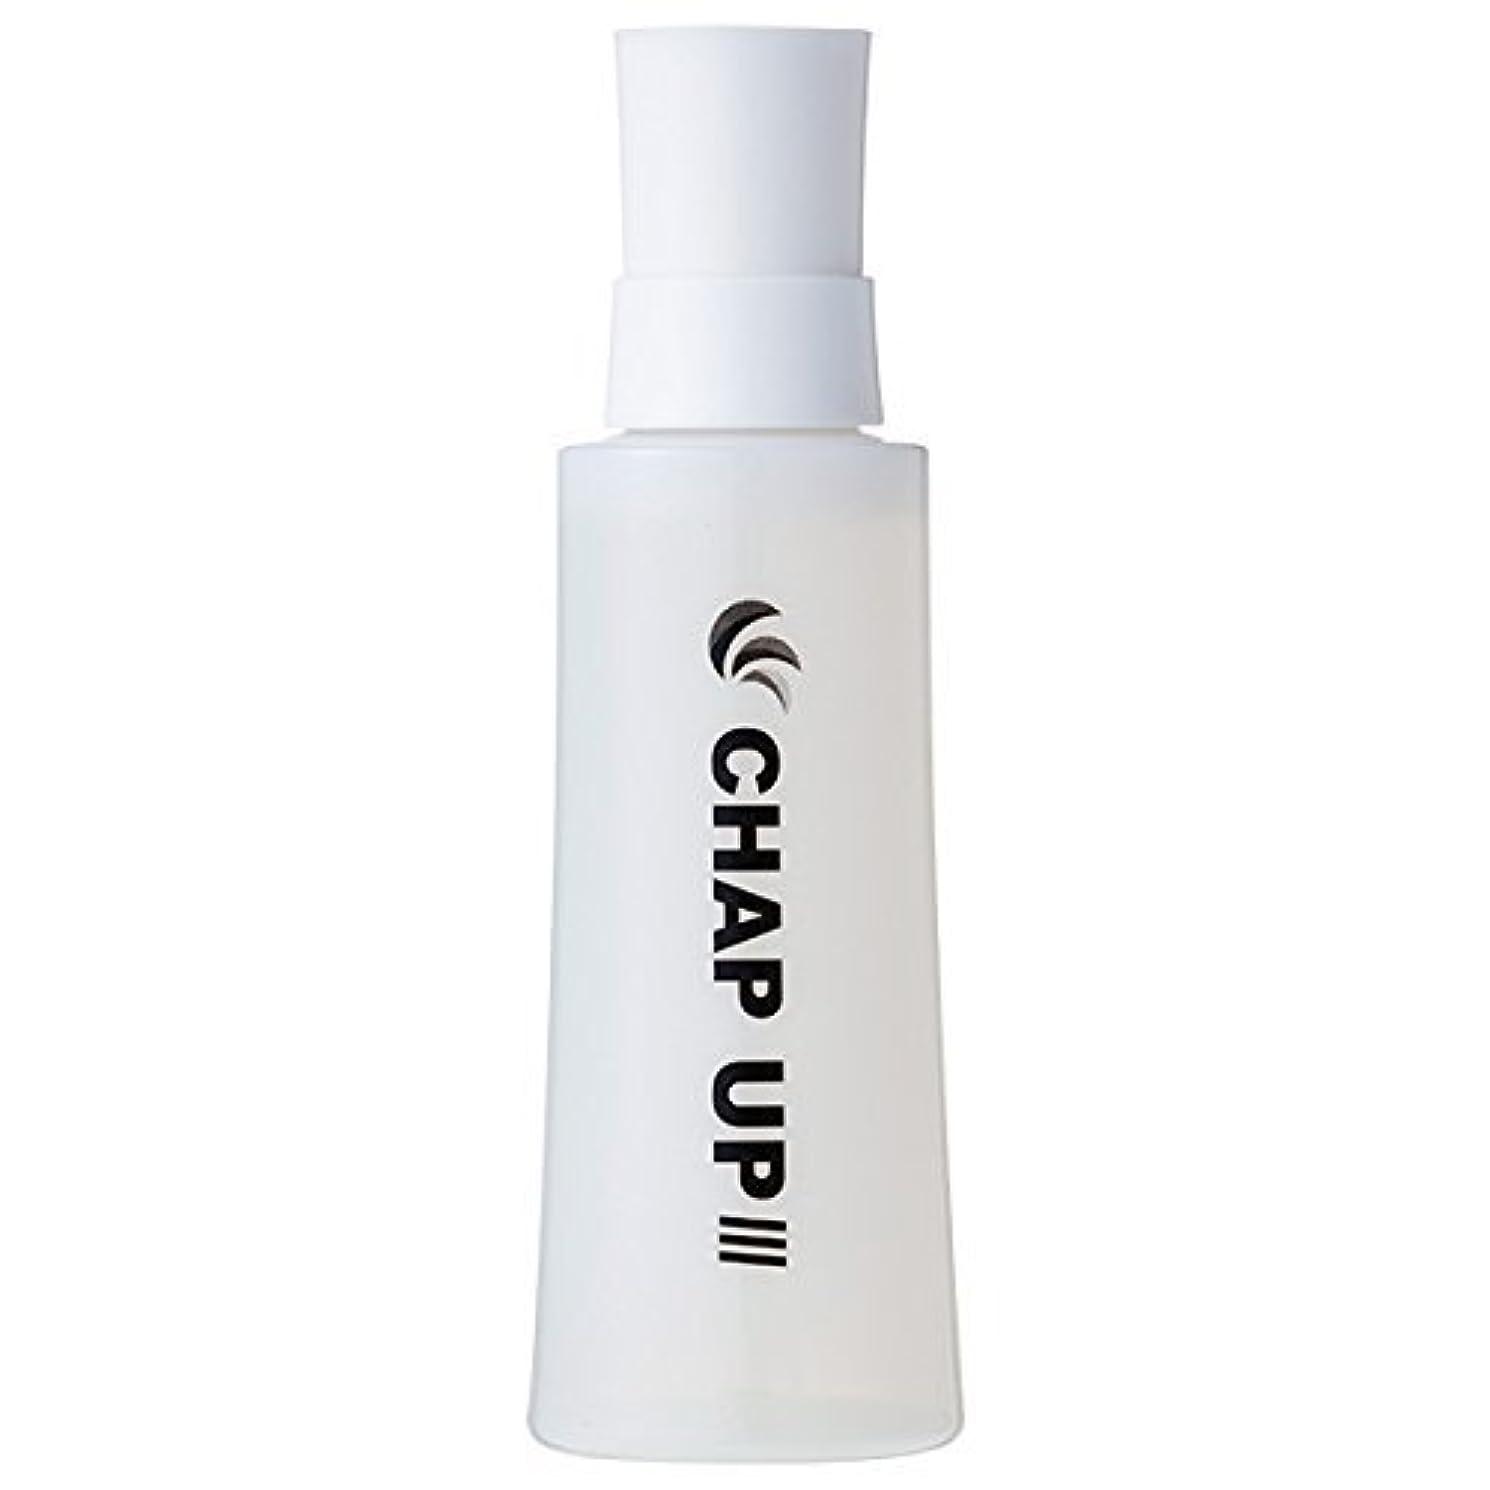 ロシア傷つきやすい国内の【医薬部外品】育毛剤チャップアップ(CHAPUP)(返金保証シール付_育毛ローション)お試し1本